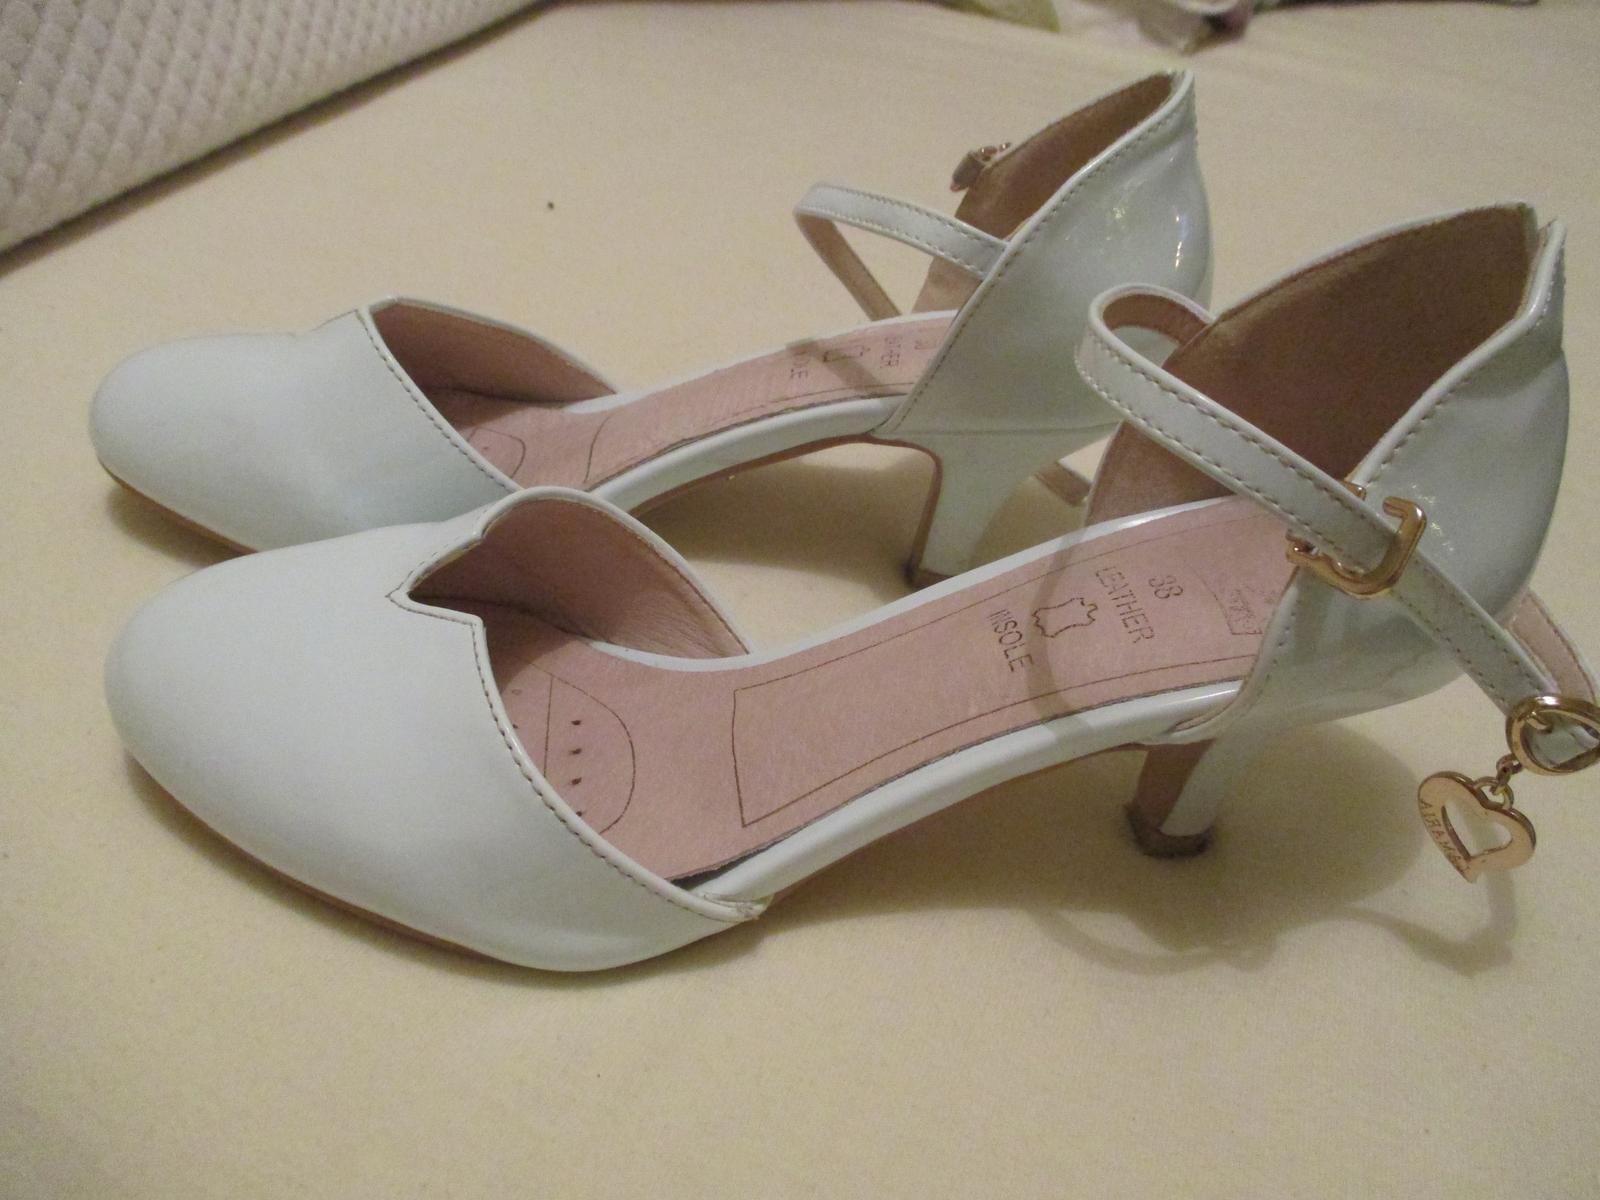 Pohodlné svadobné topánky - Obrázok č. 1